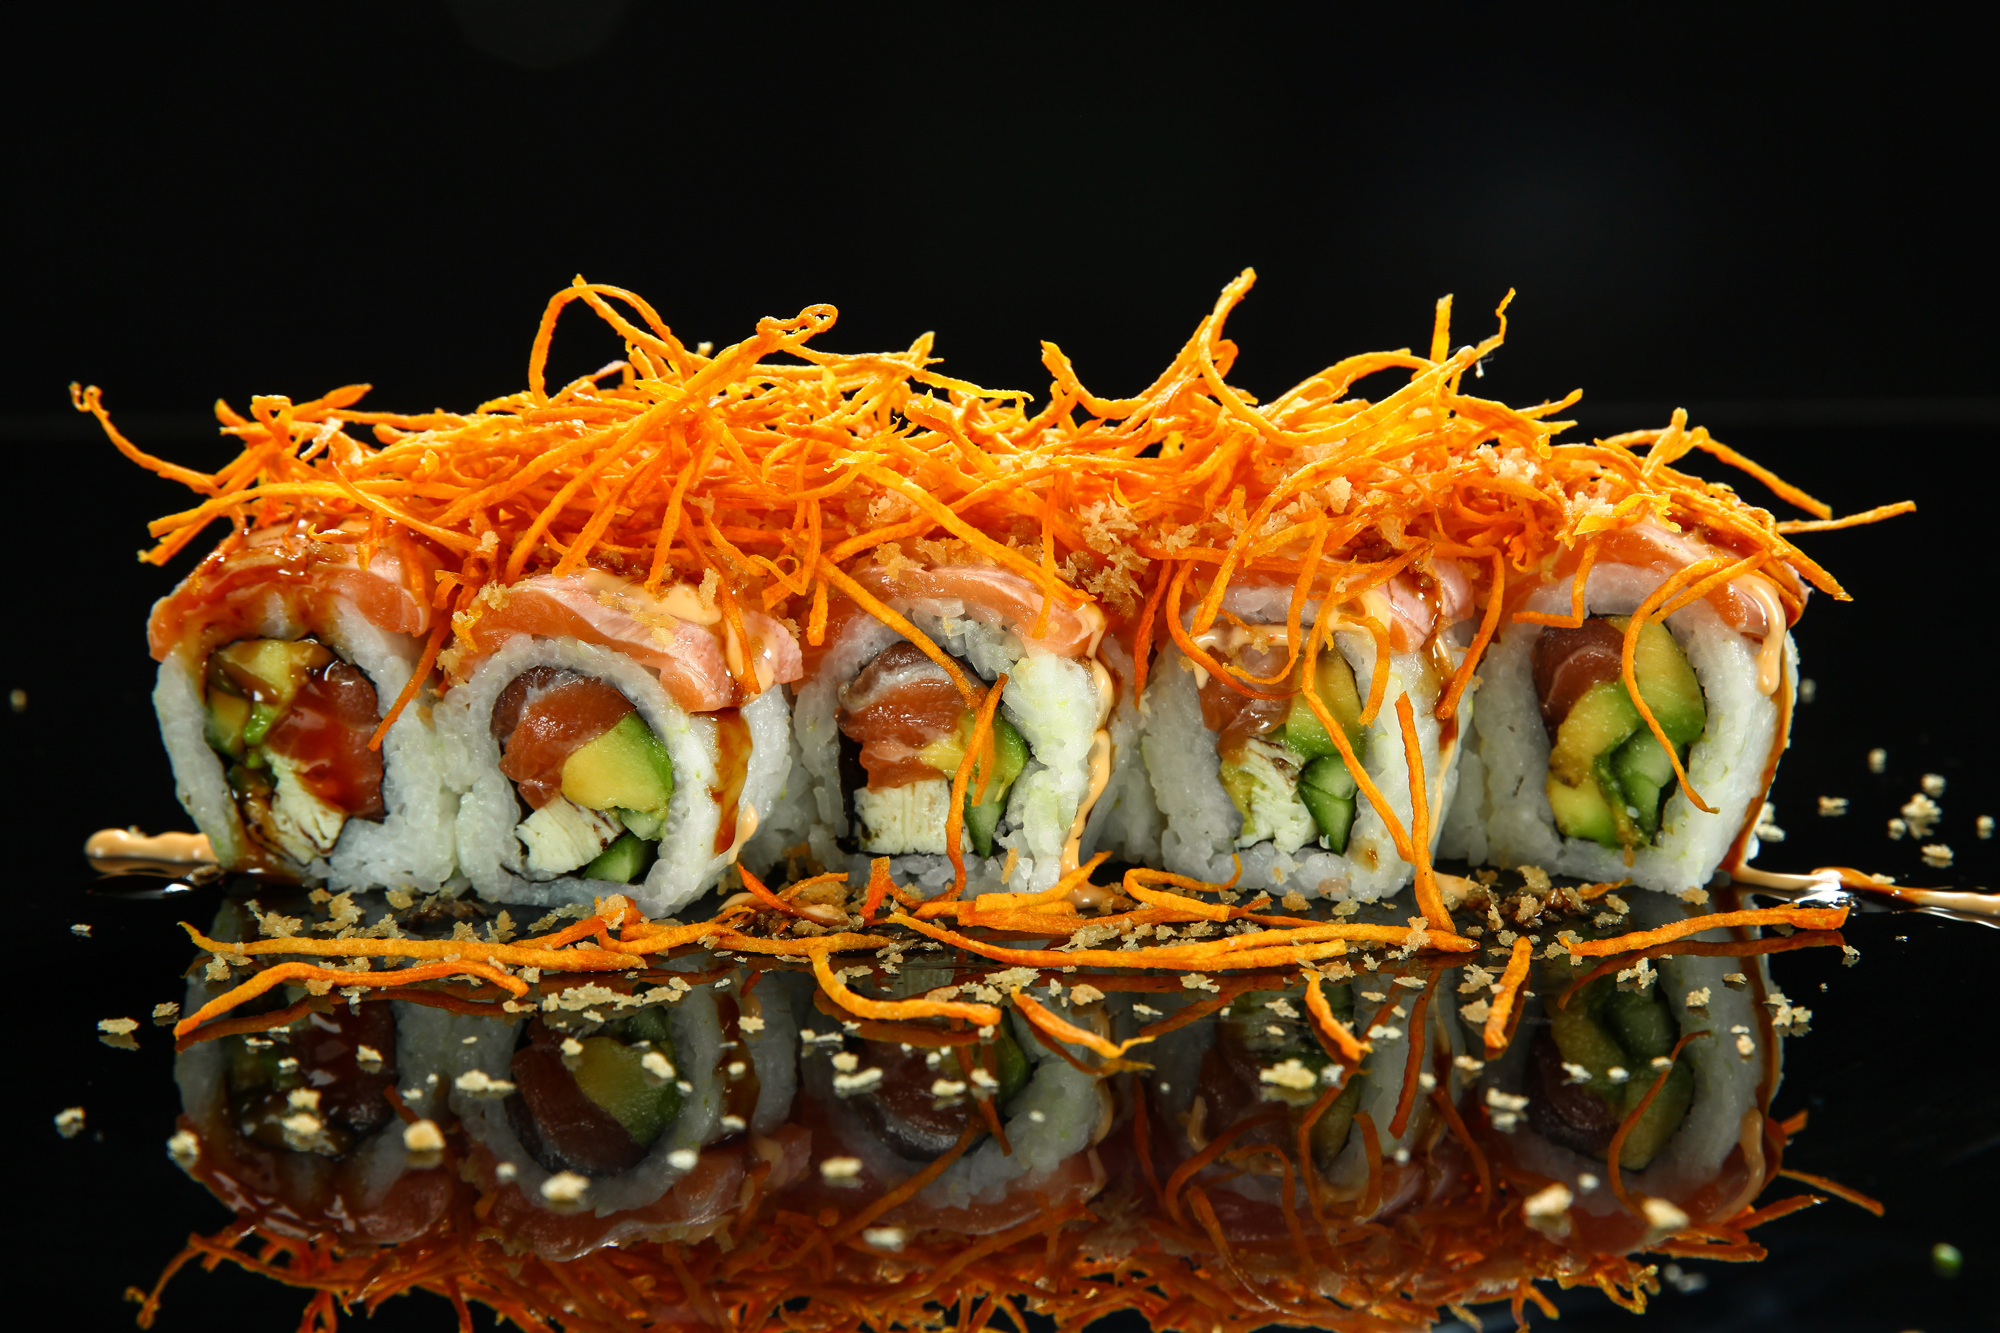 תמונה של צ'וקה-מטבח אסיאתי - 1